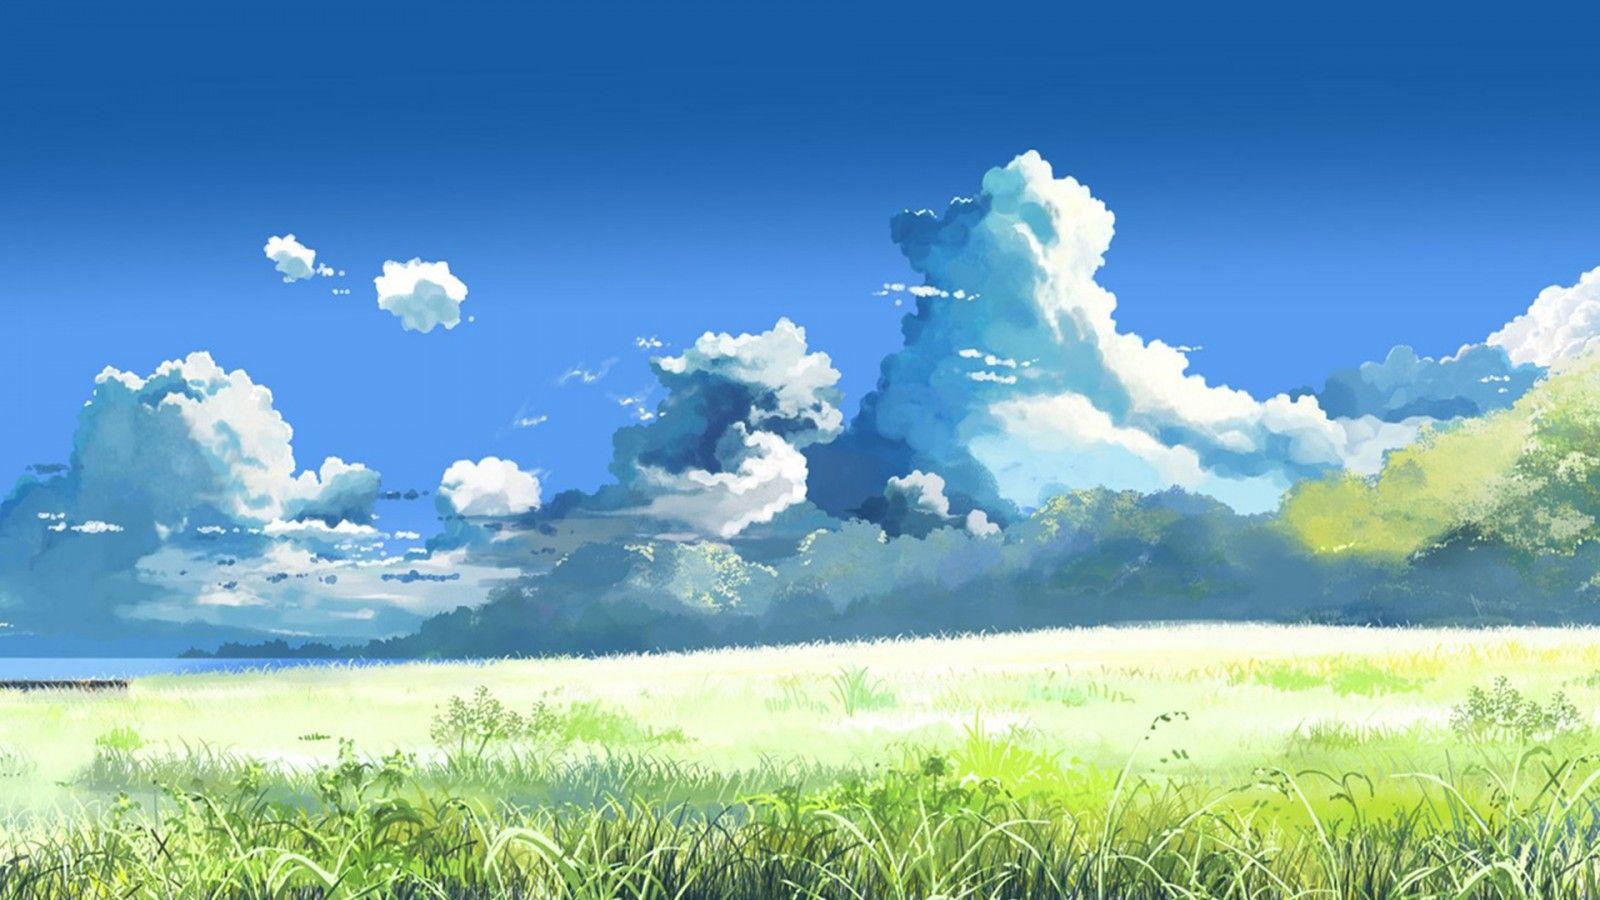 求xp经典蓝天白云草地桌面高清壁纸 1280 1024高清图片